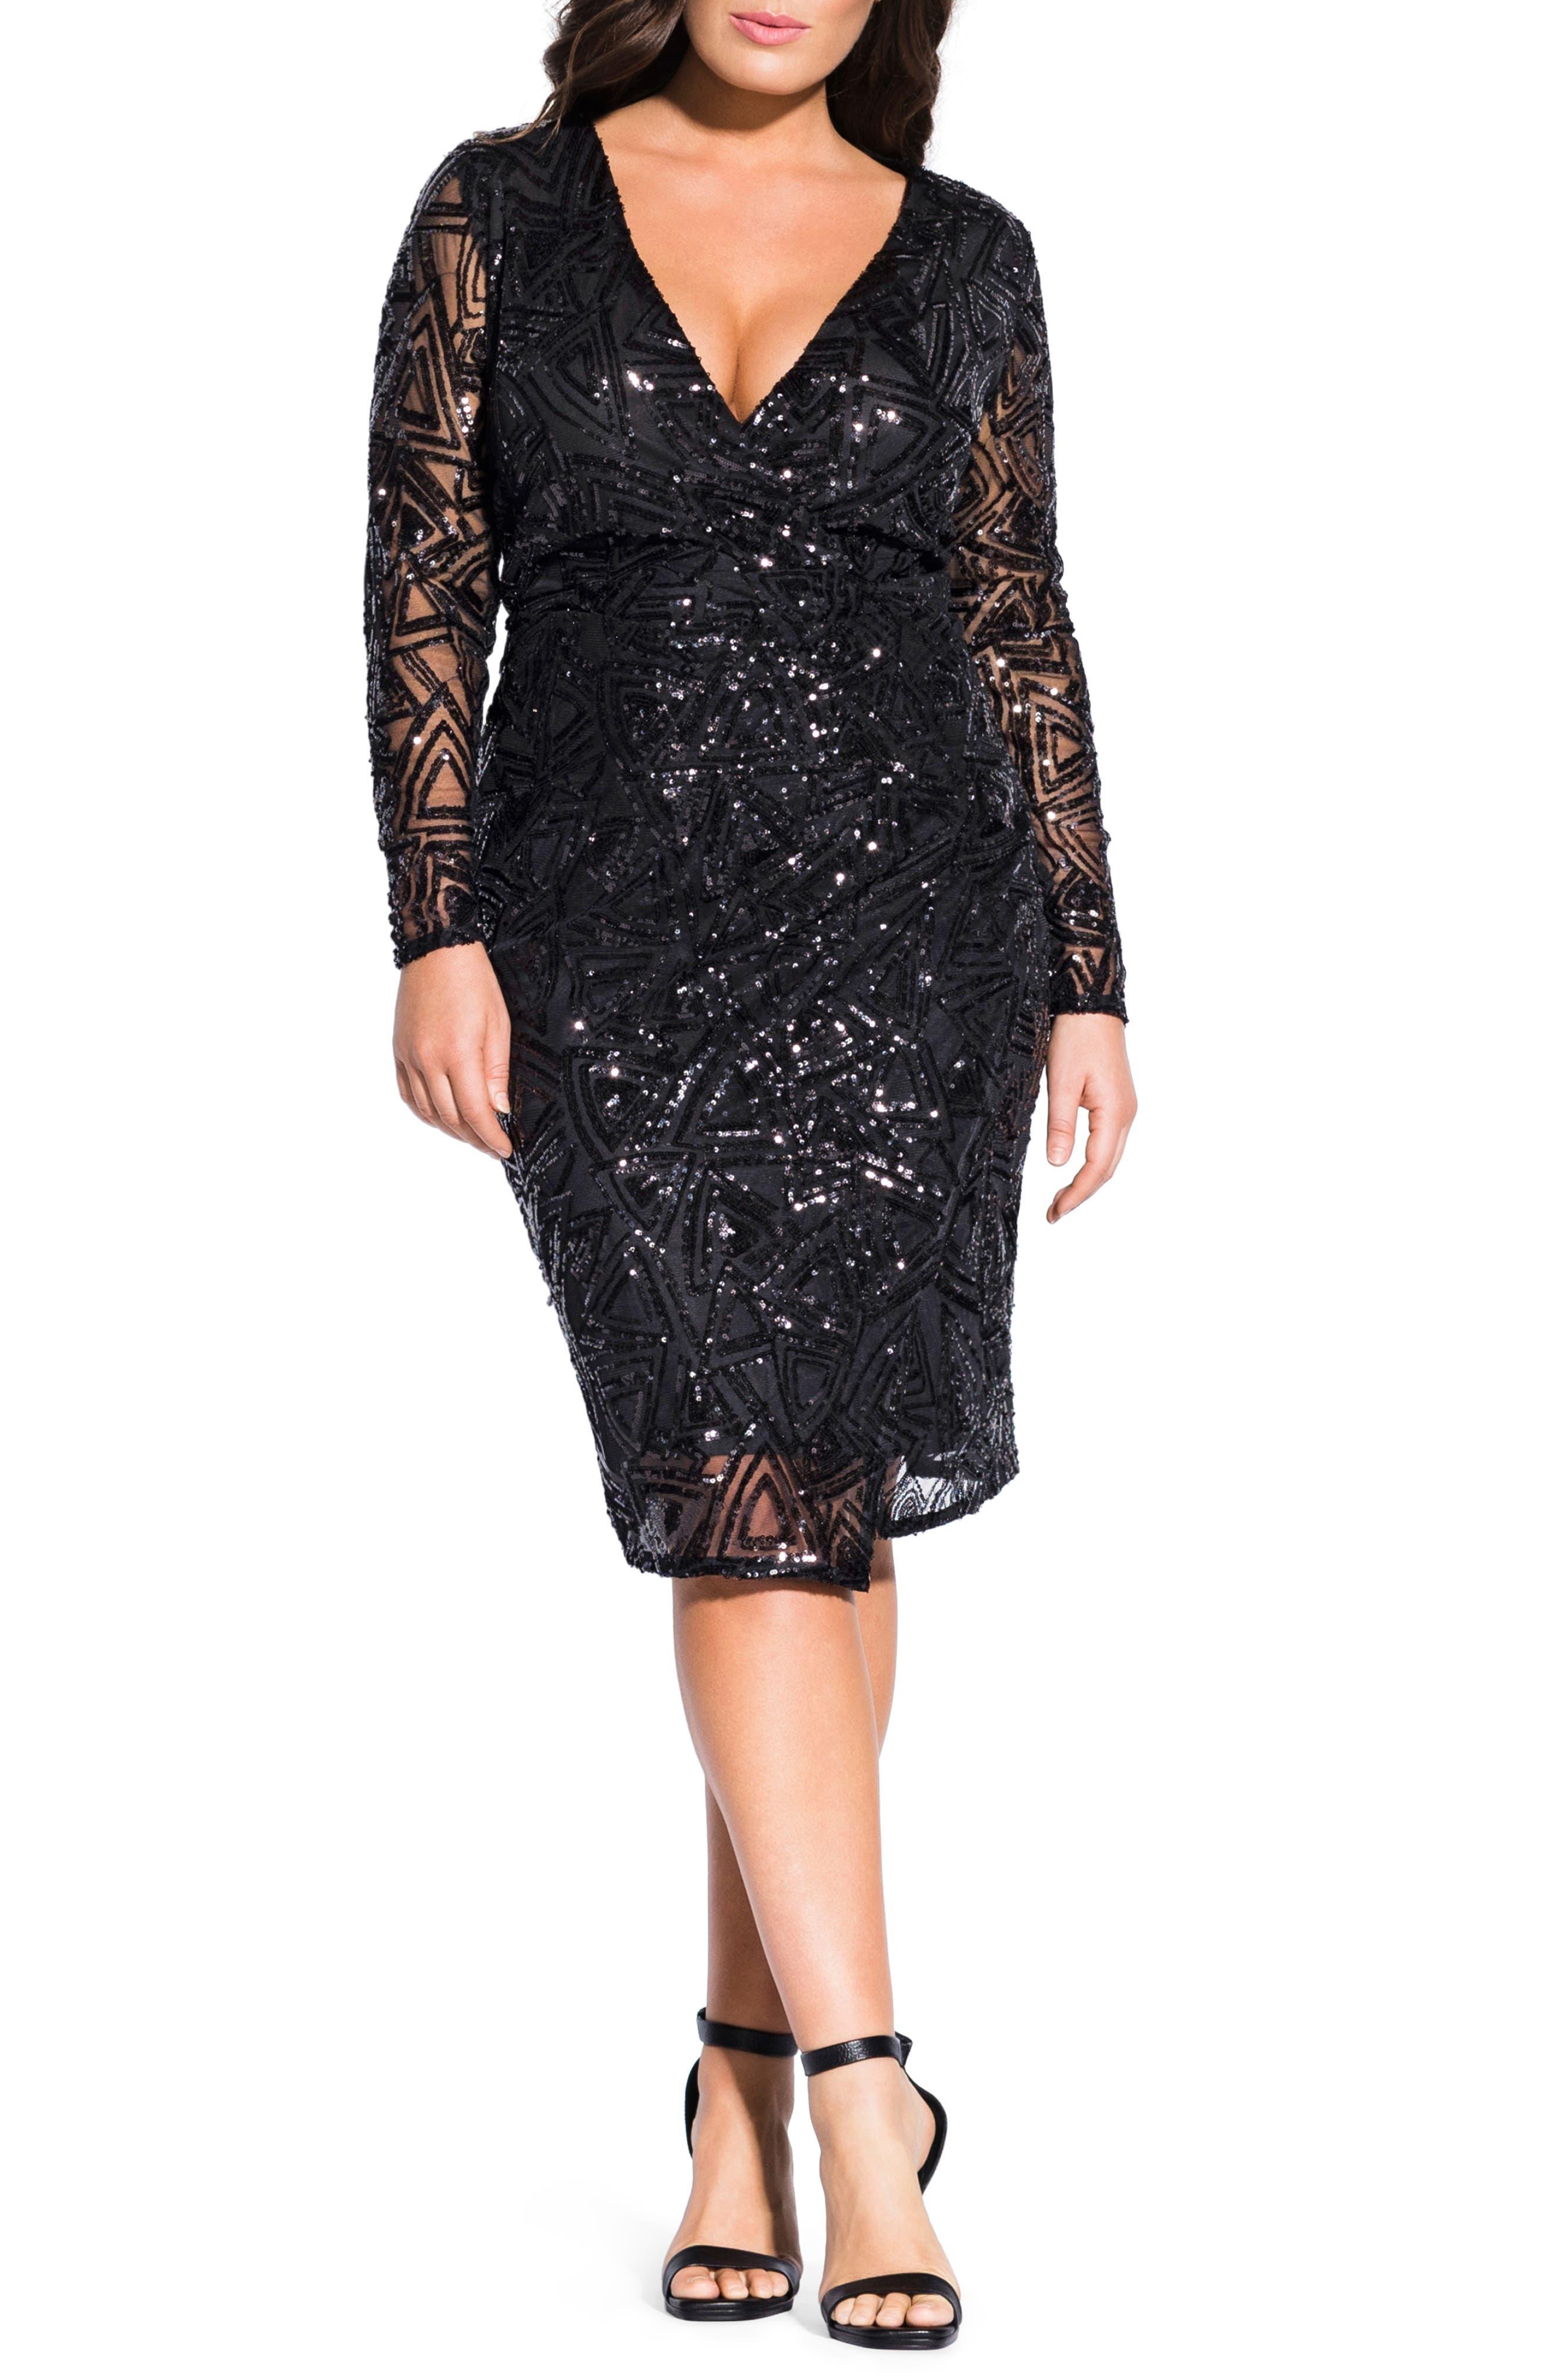 Plus Size Chic City Razzle Dazzle Long Sleeve Cocktail Dress, Black